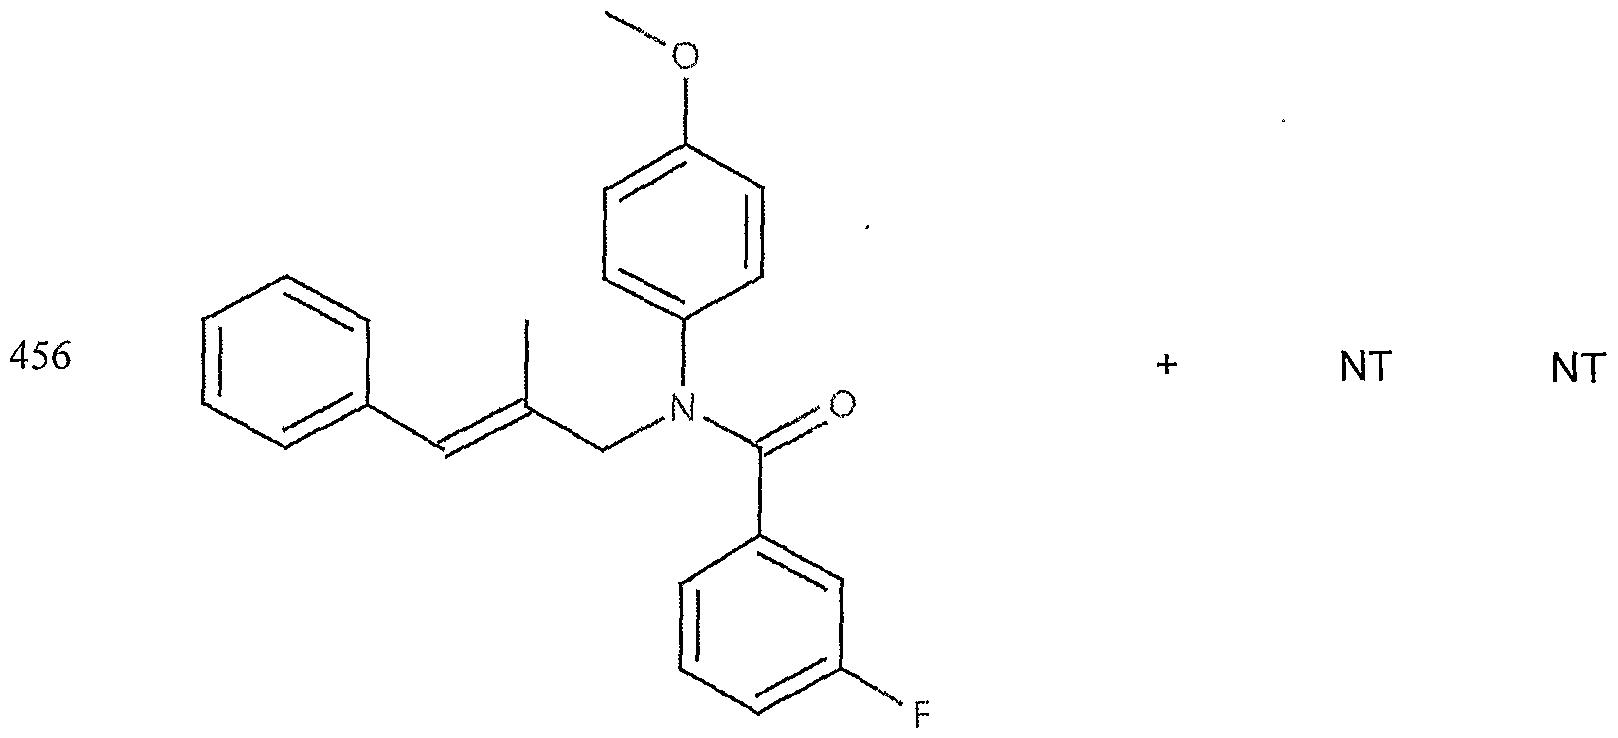 Figure imgf000182_0003